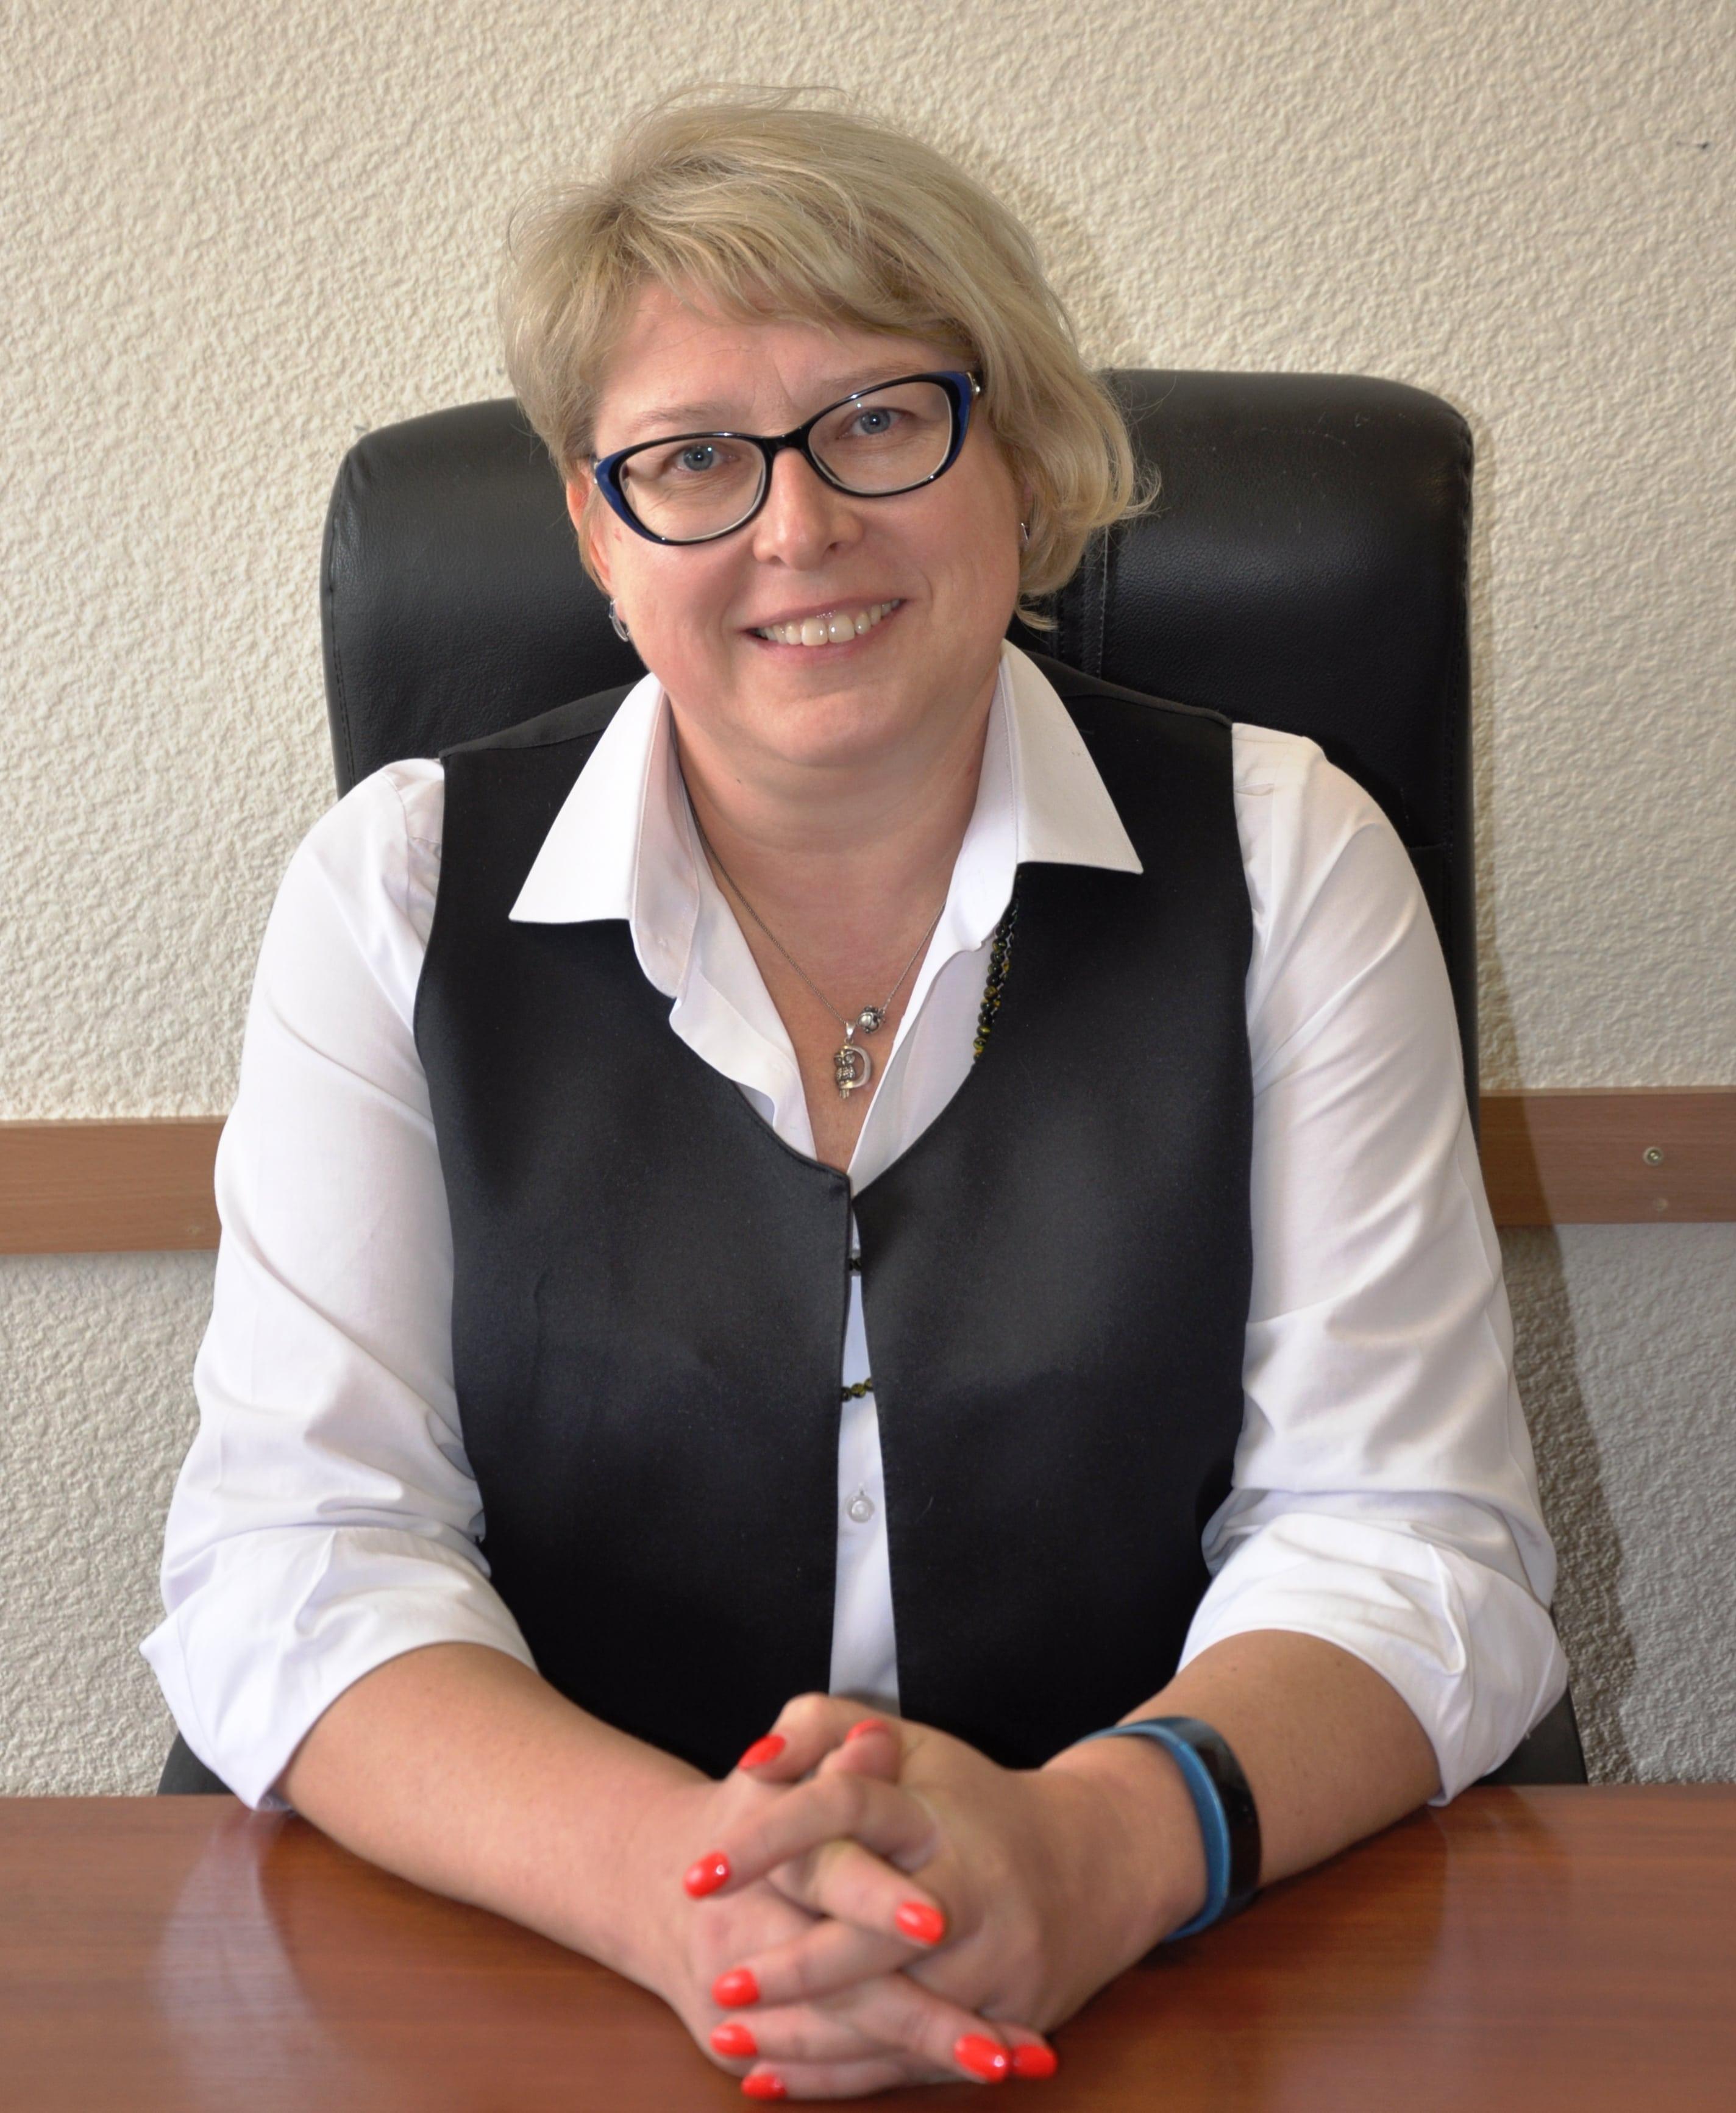 Лазарєва Олена Борисівна - завідувач кафедри фізичної реабілітації